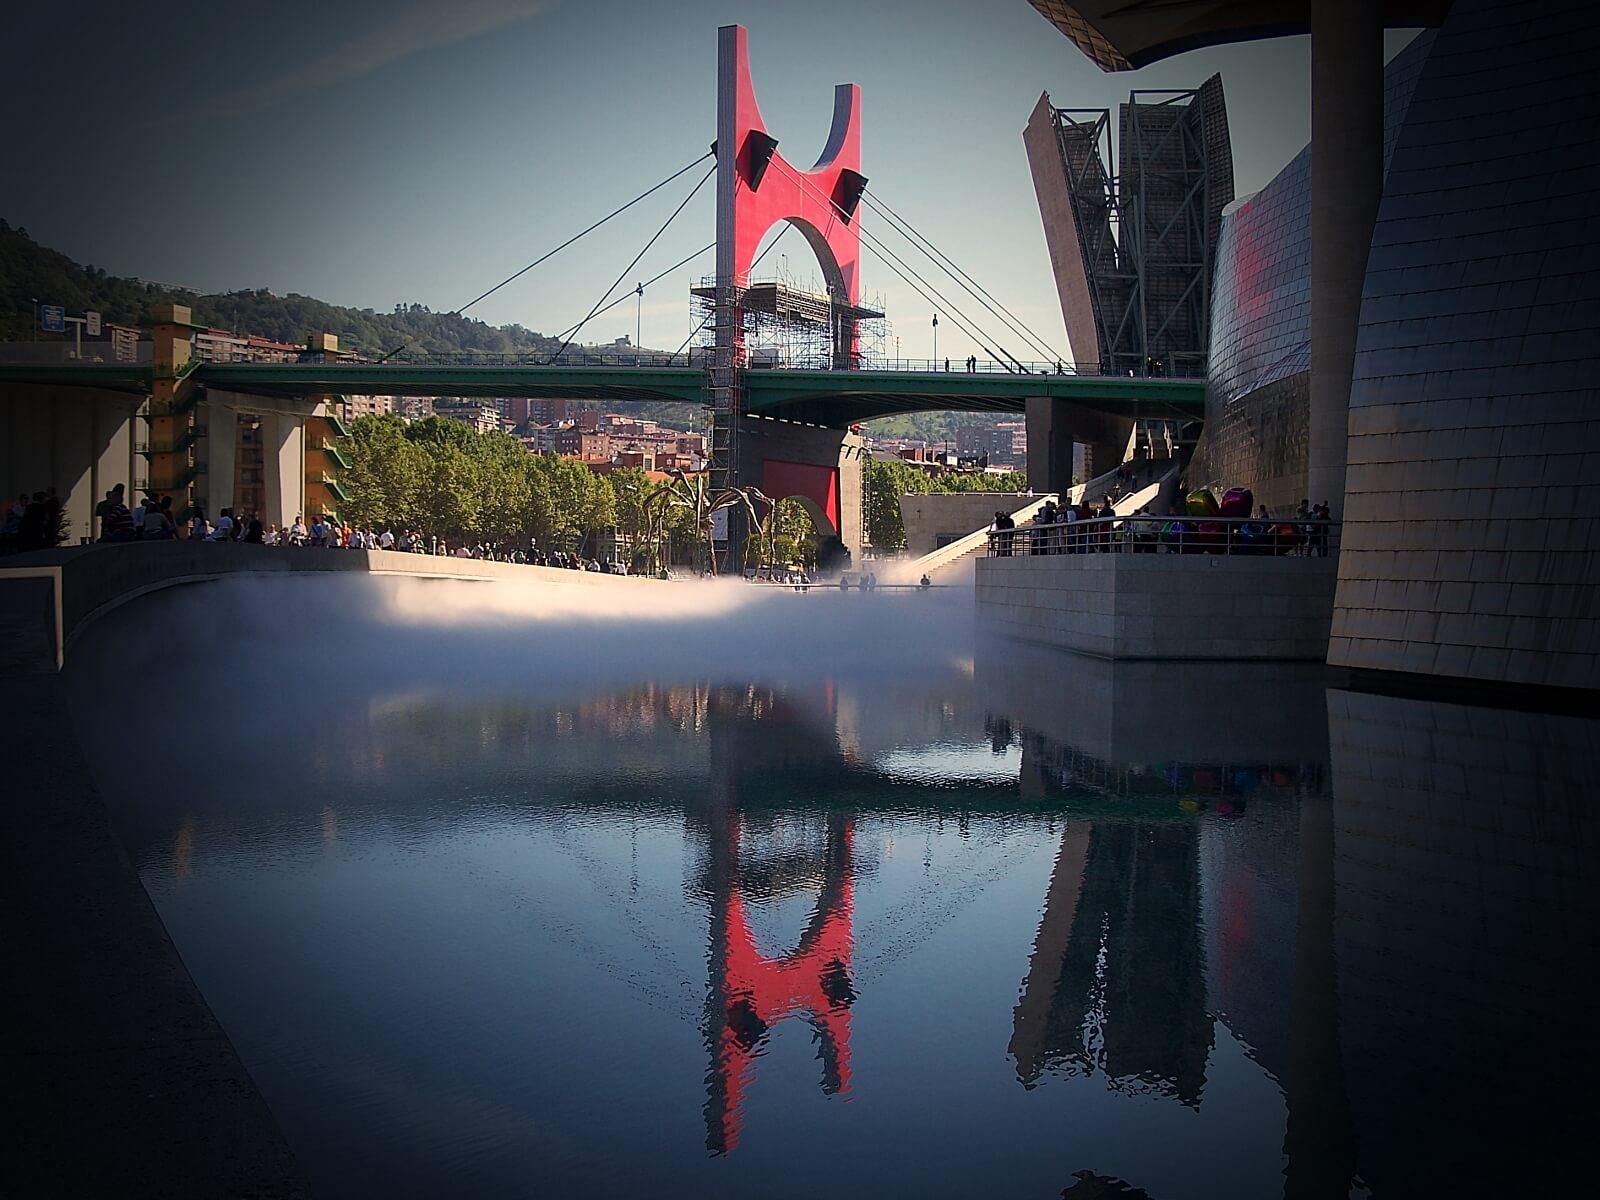 Nowoczesne, hiszpańskie miasto Bilbao.